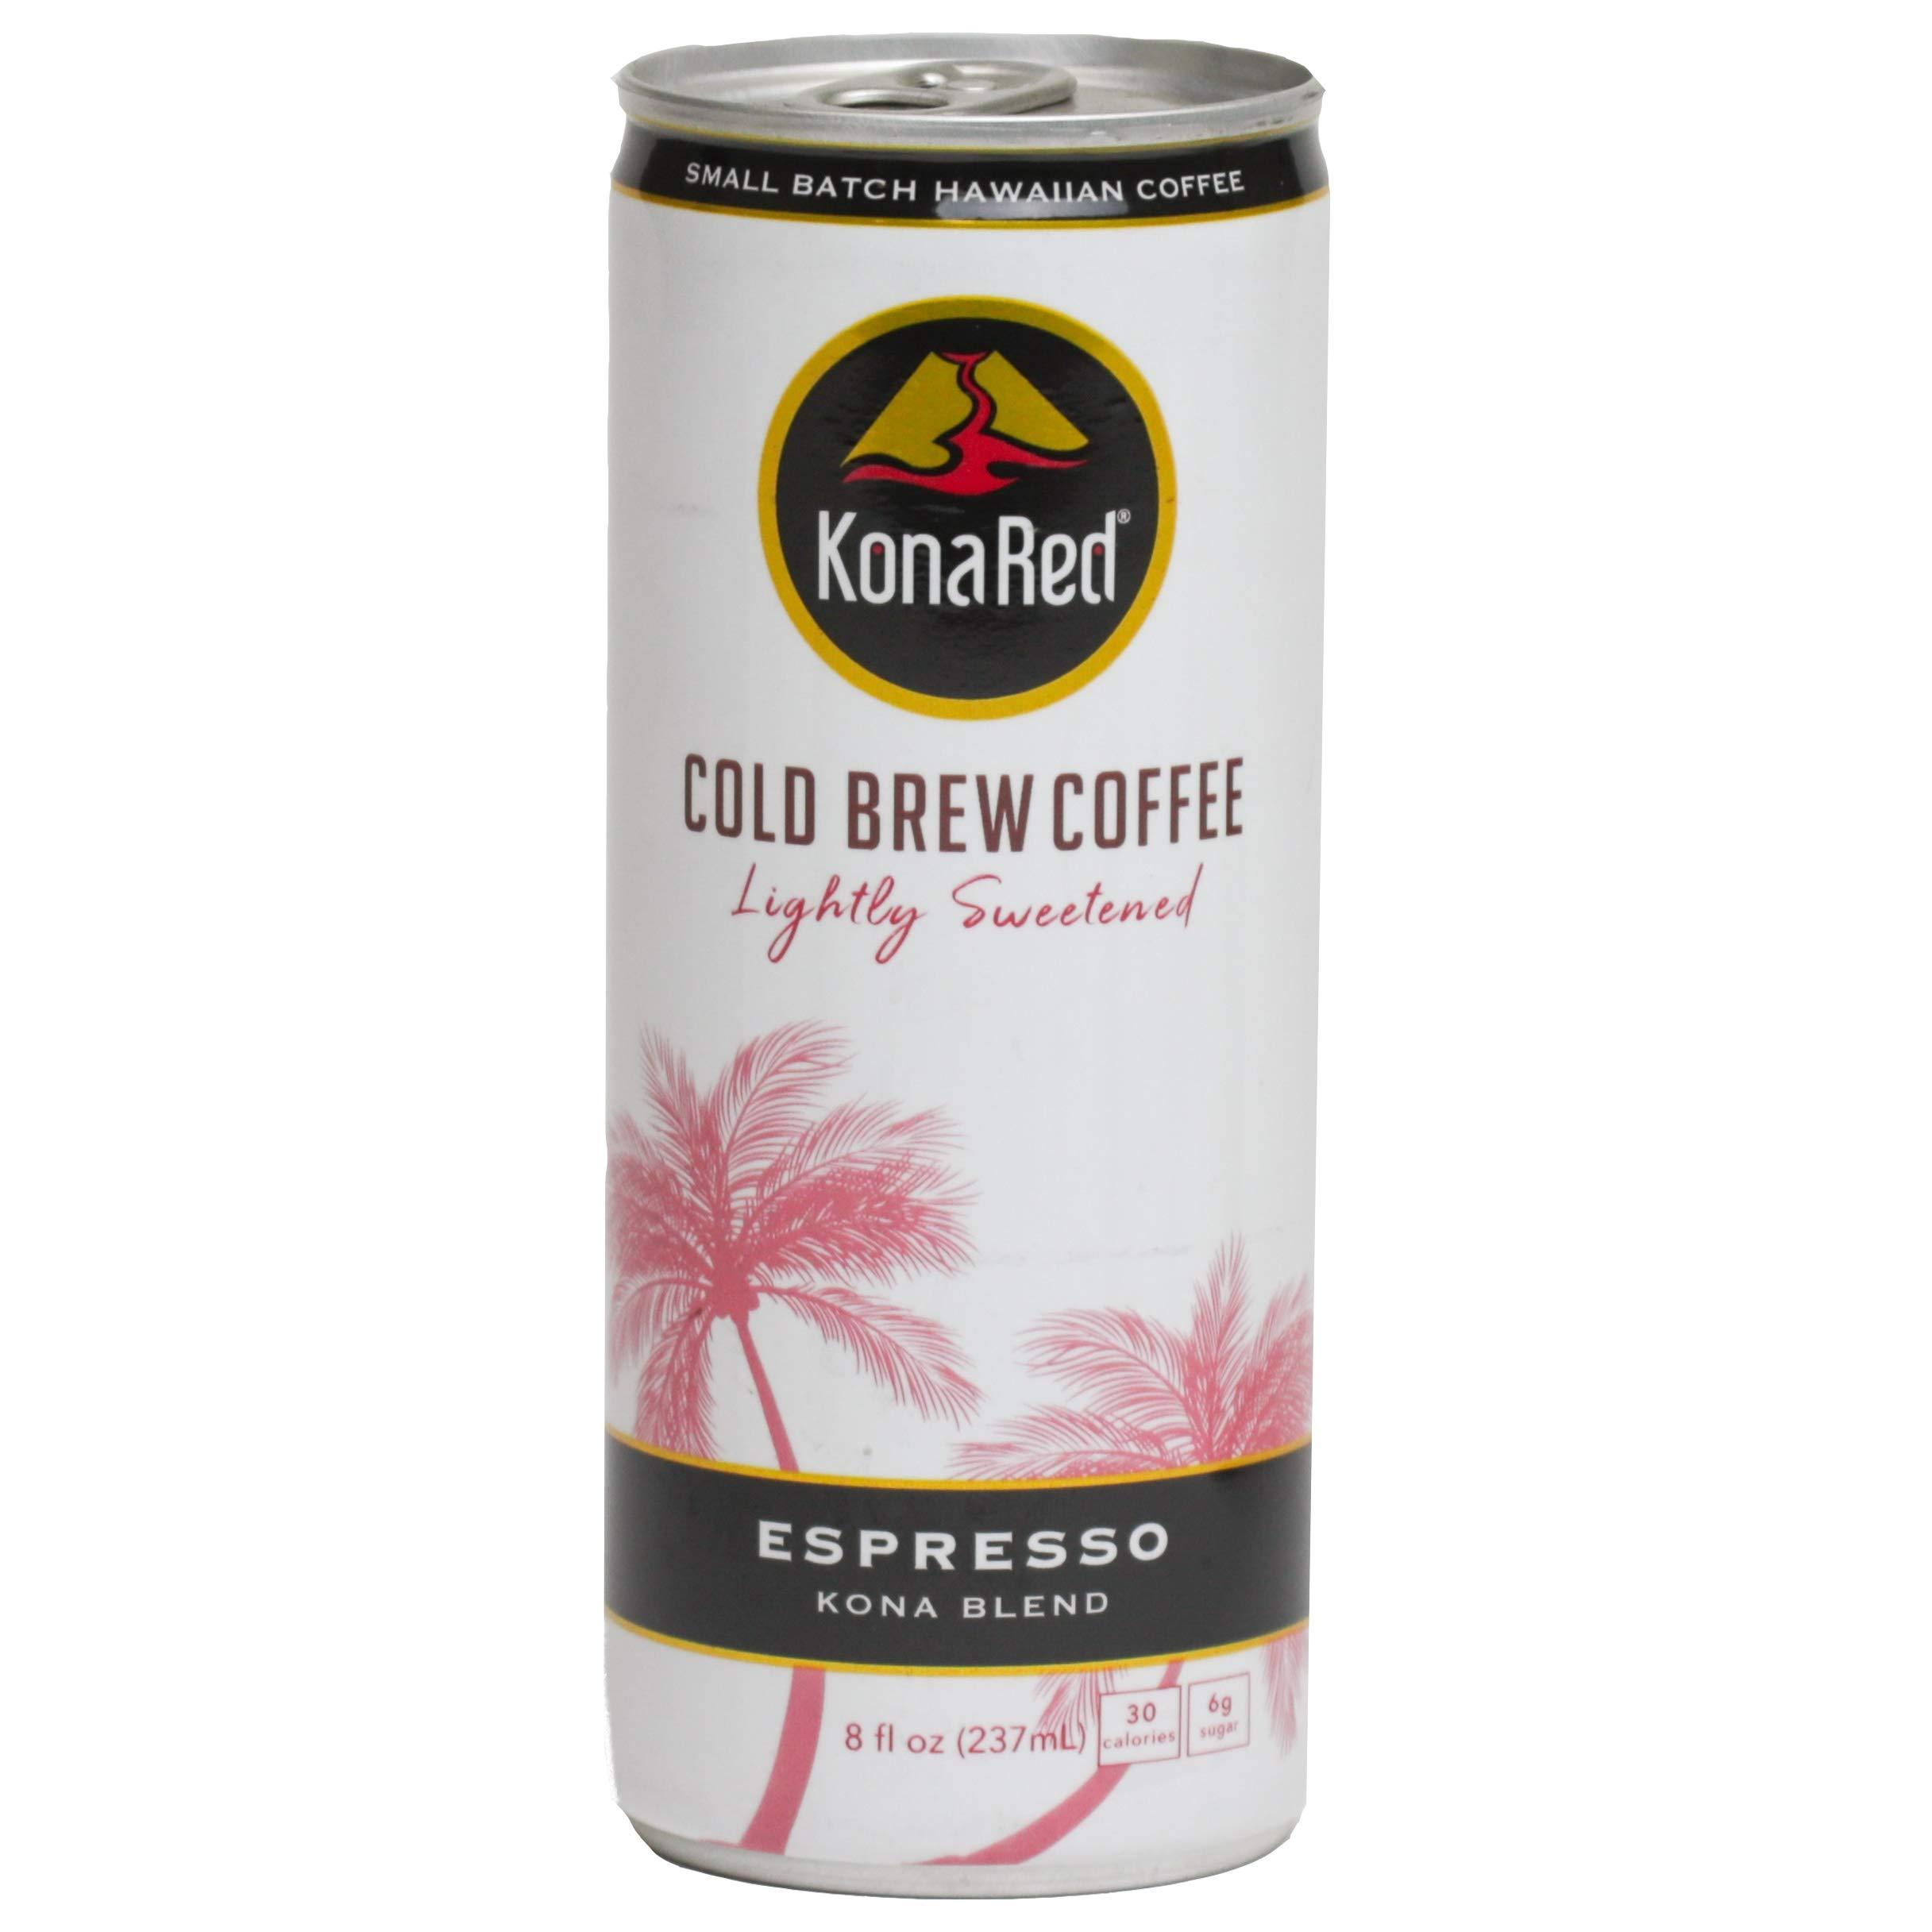 KonaRed Premium Cold Brew Kona Coffee Estate Grown, 8 oz Can - Case of 12 (Espresso)